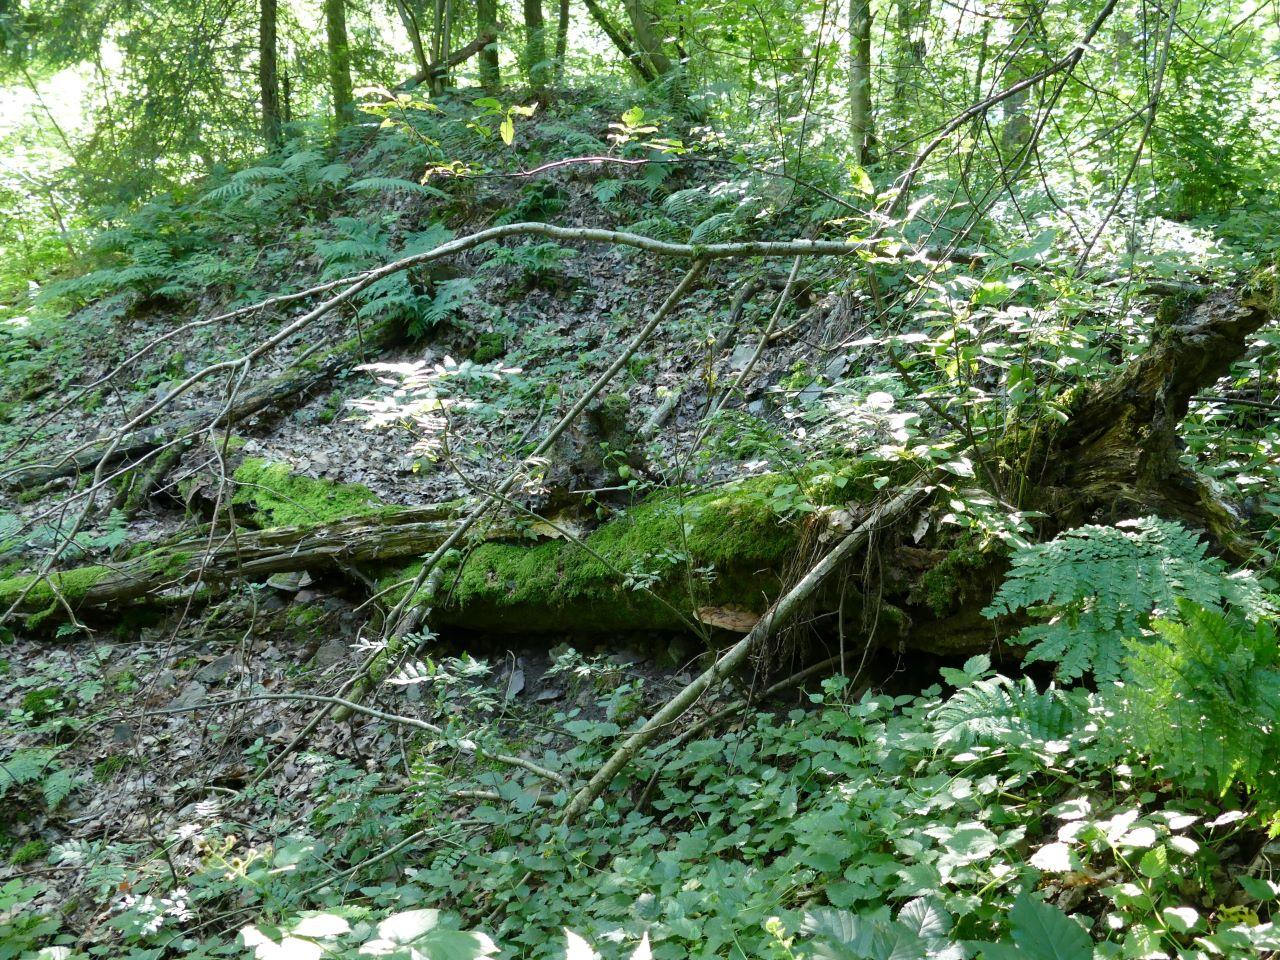 Abgestorbene Bäume werden zu einem neuen Lebensraum